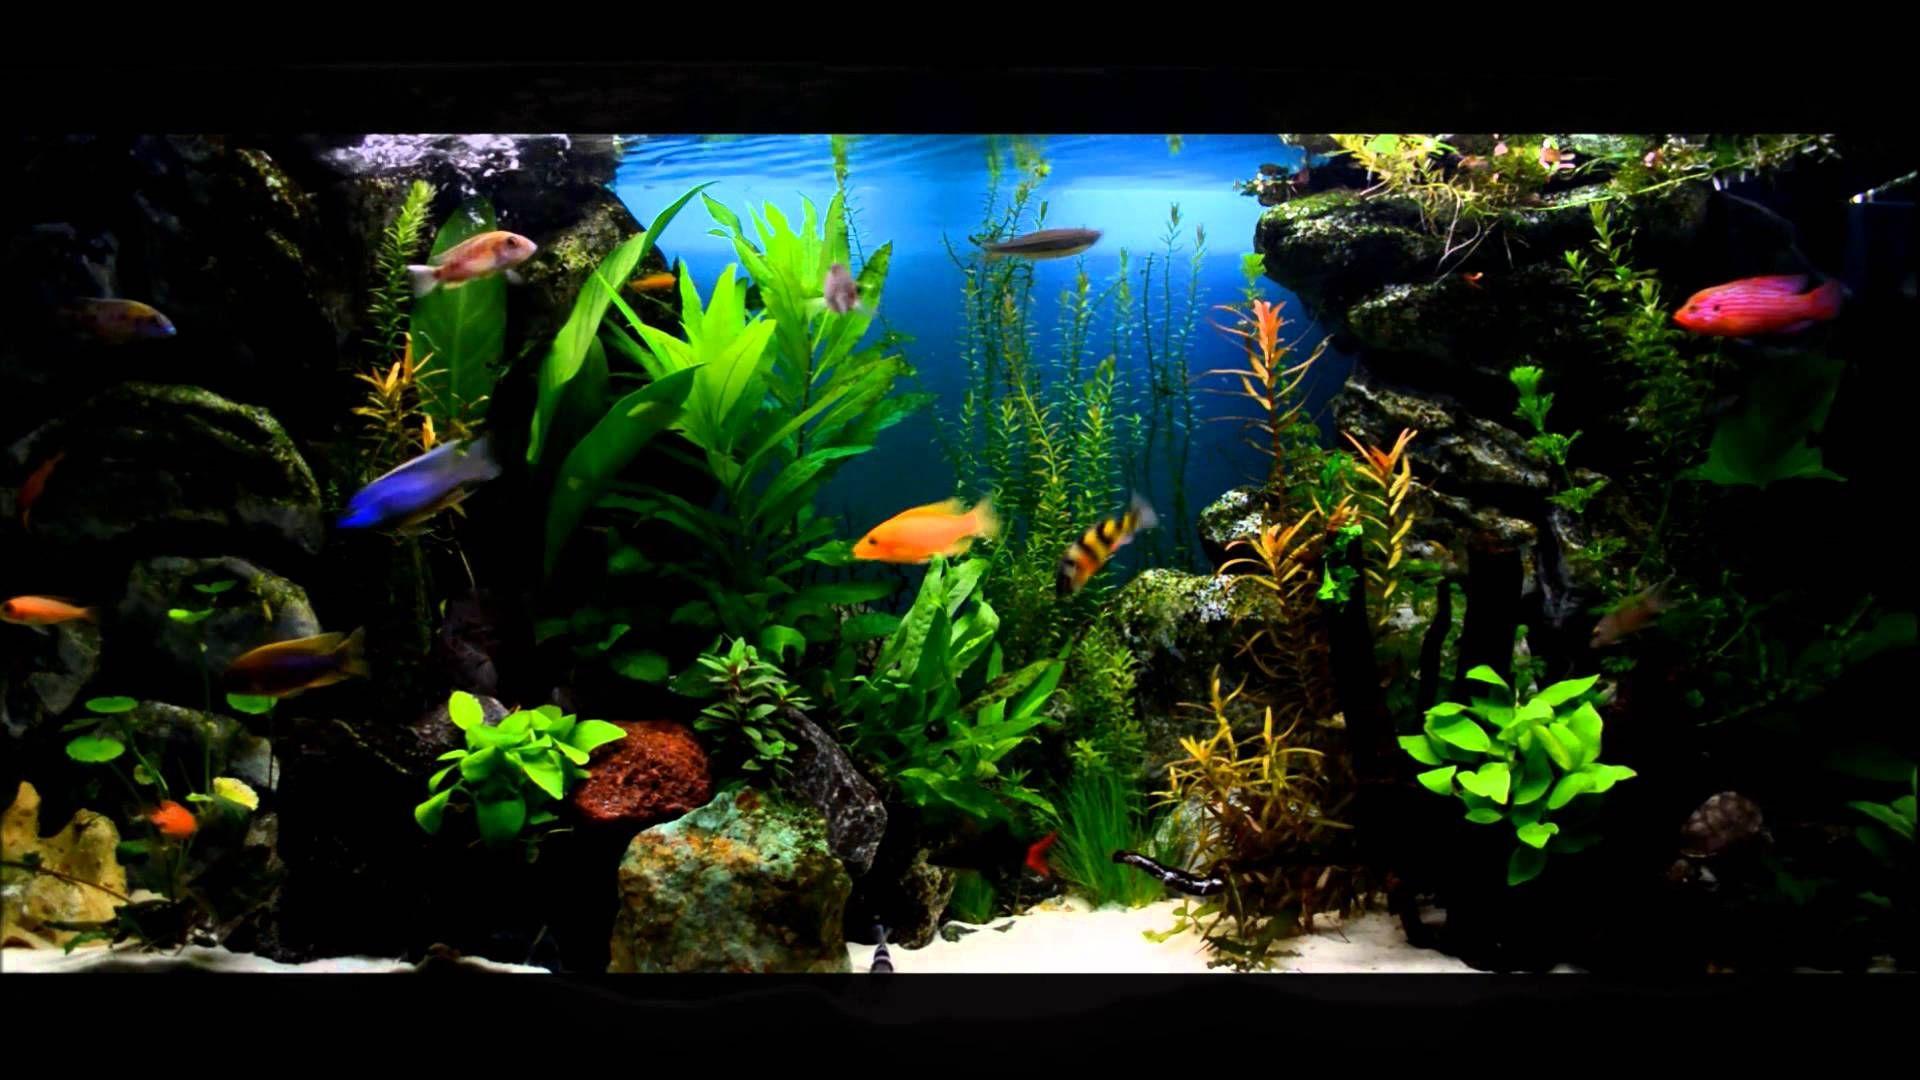 4c10b1525f703296f12f3e1e37959c51 Incroyable De Aquarium Deco Des Idées